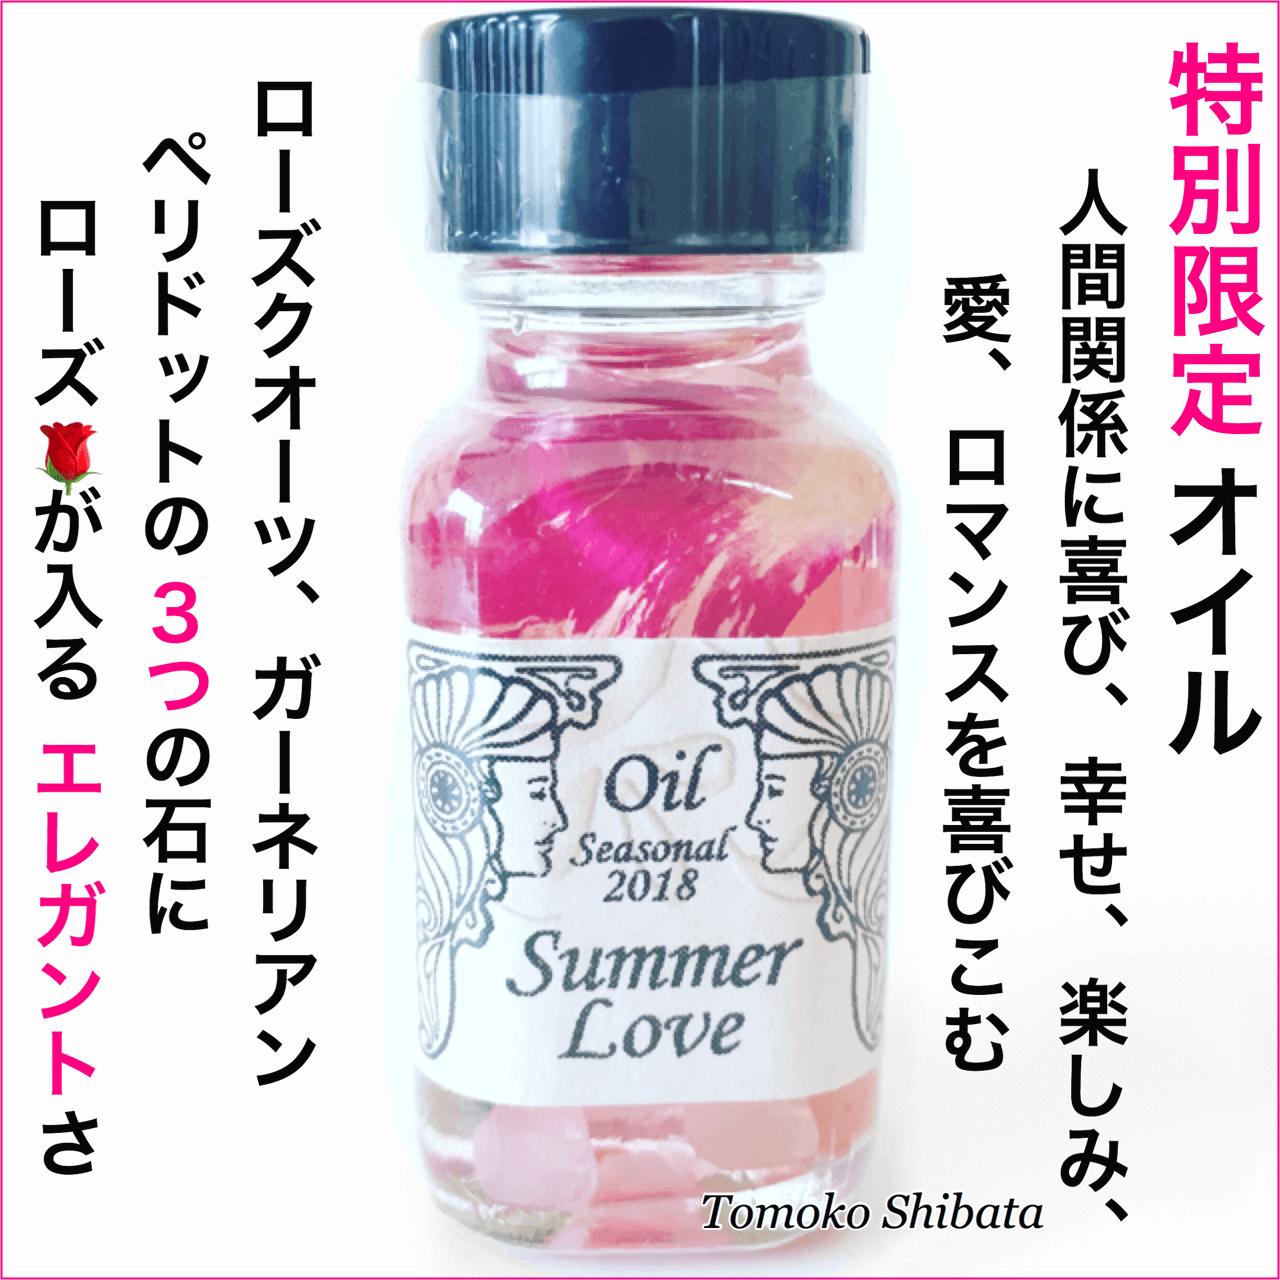 サマーラブ Summer Love 3種類の石が入る【特別限定オイル】